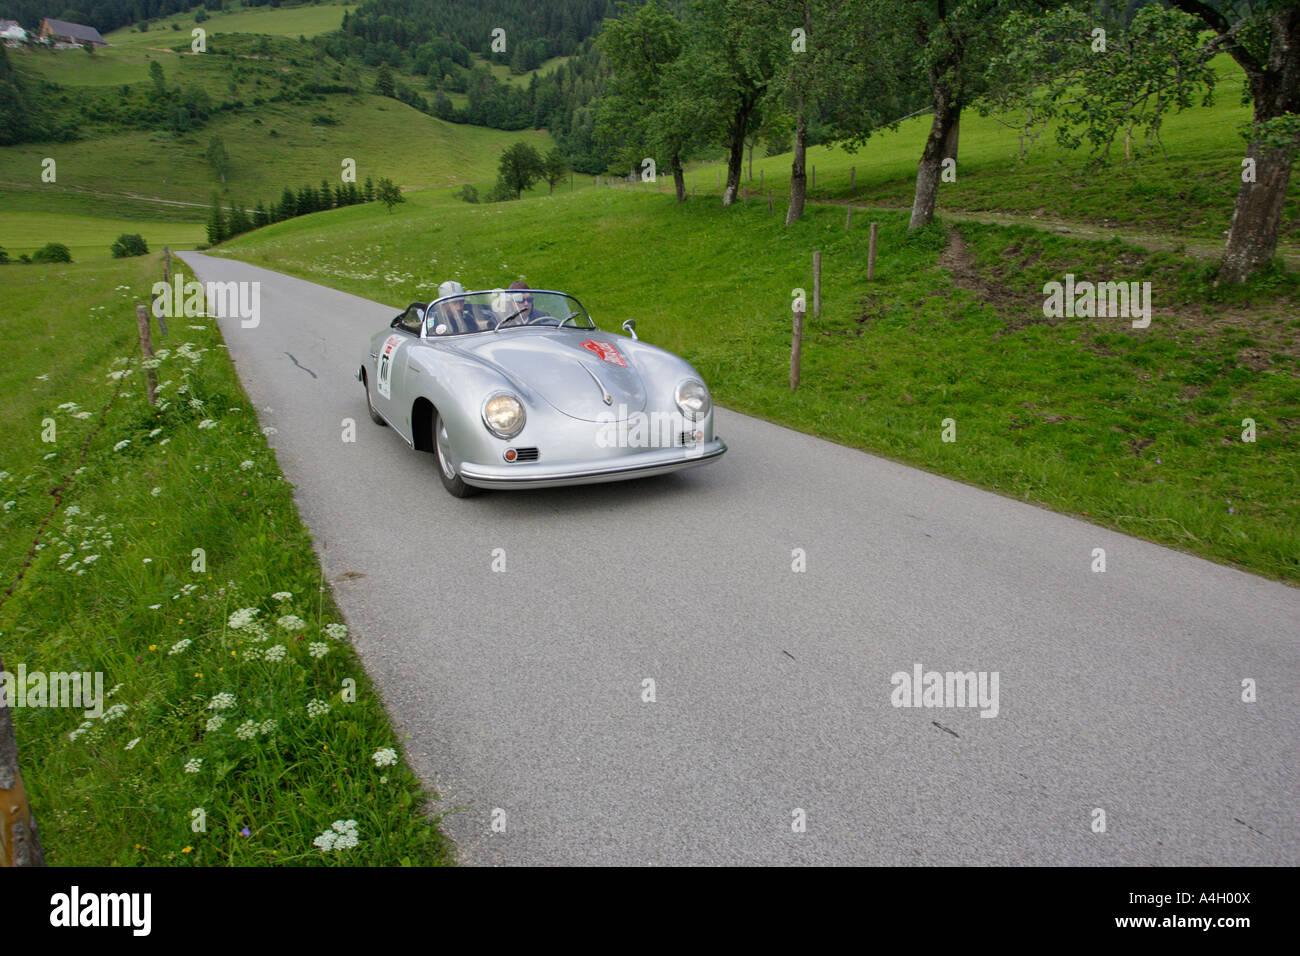 Porsche 356 pre a erbaut 1954, Oldtimer rennen Ennstal Classic 2005, Steiermark, Österreich Stockbild